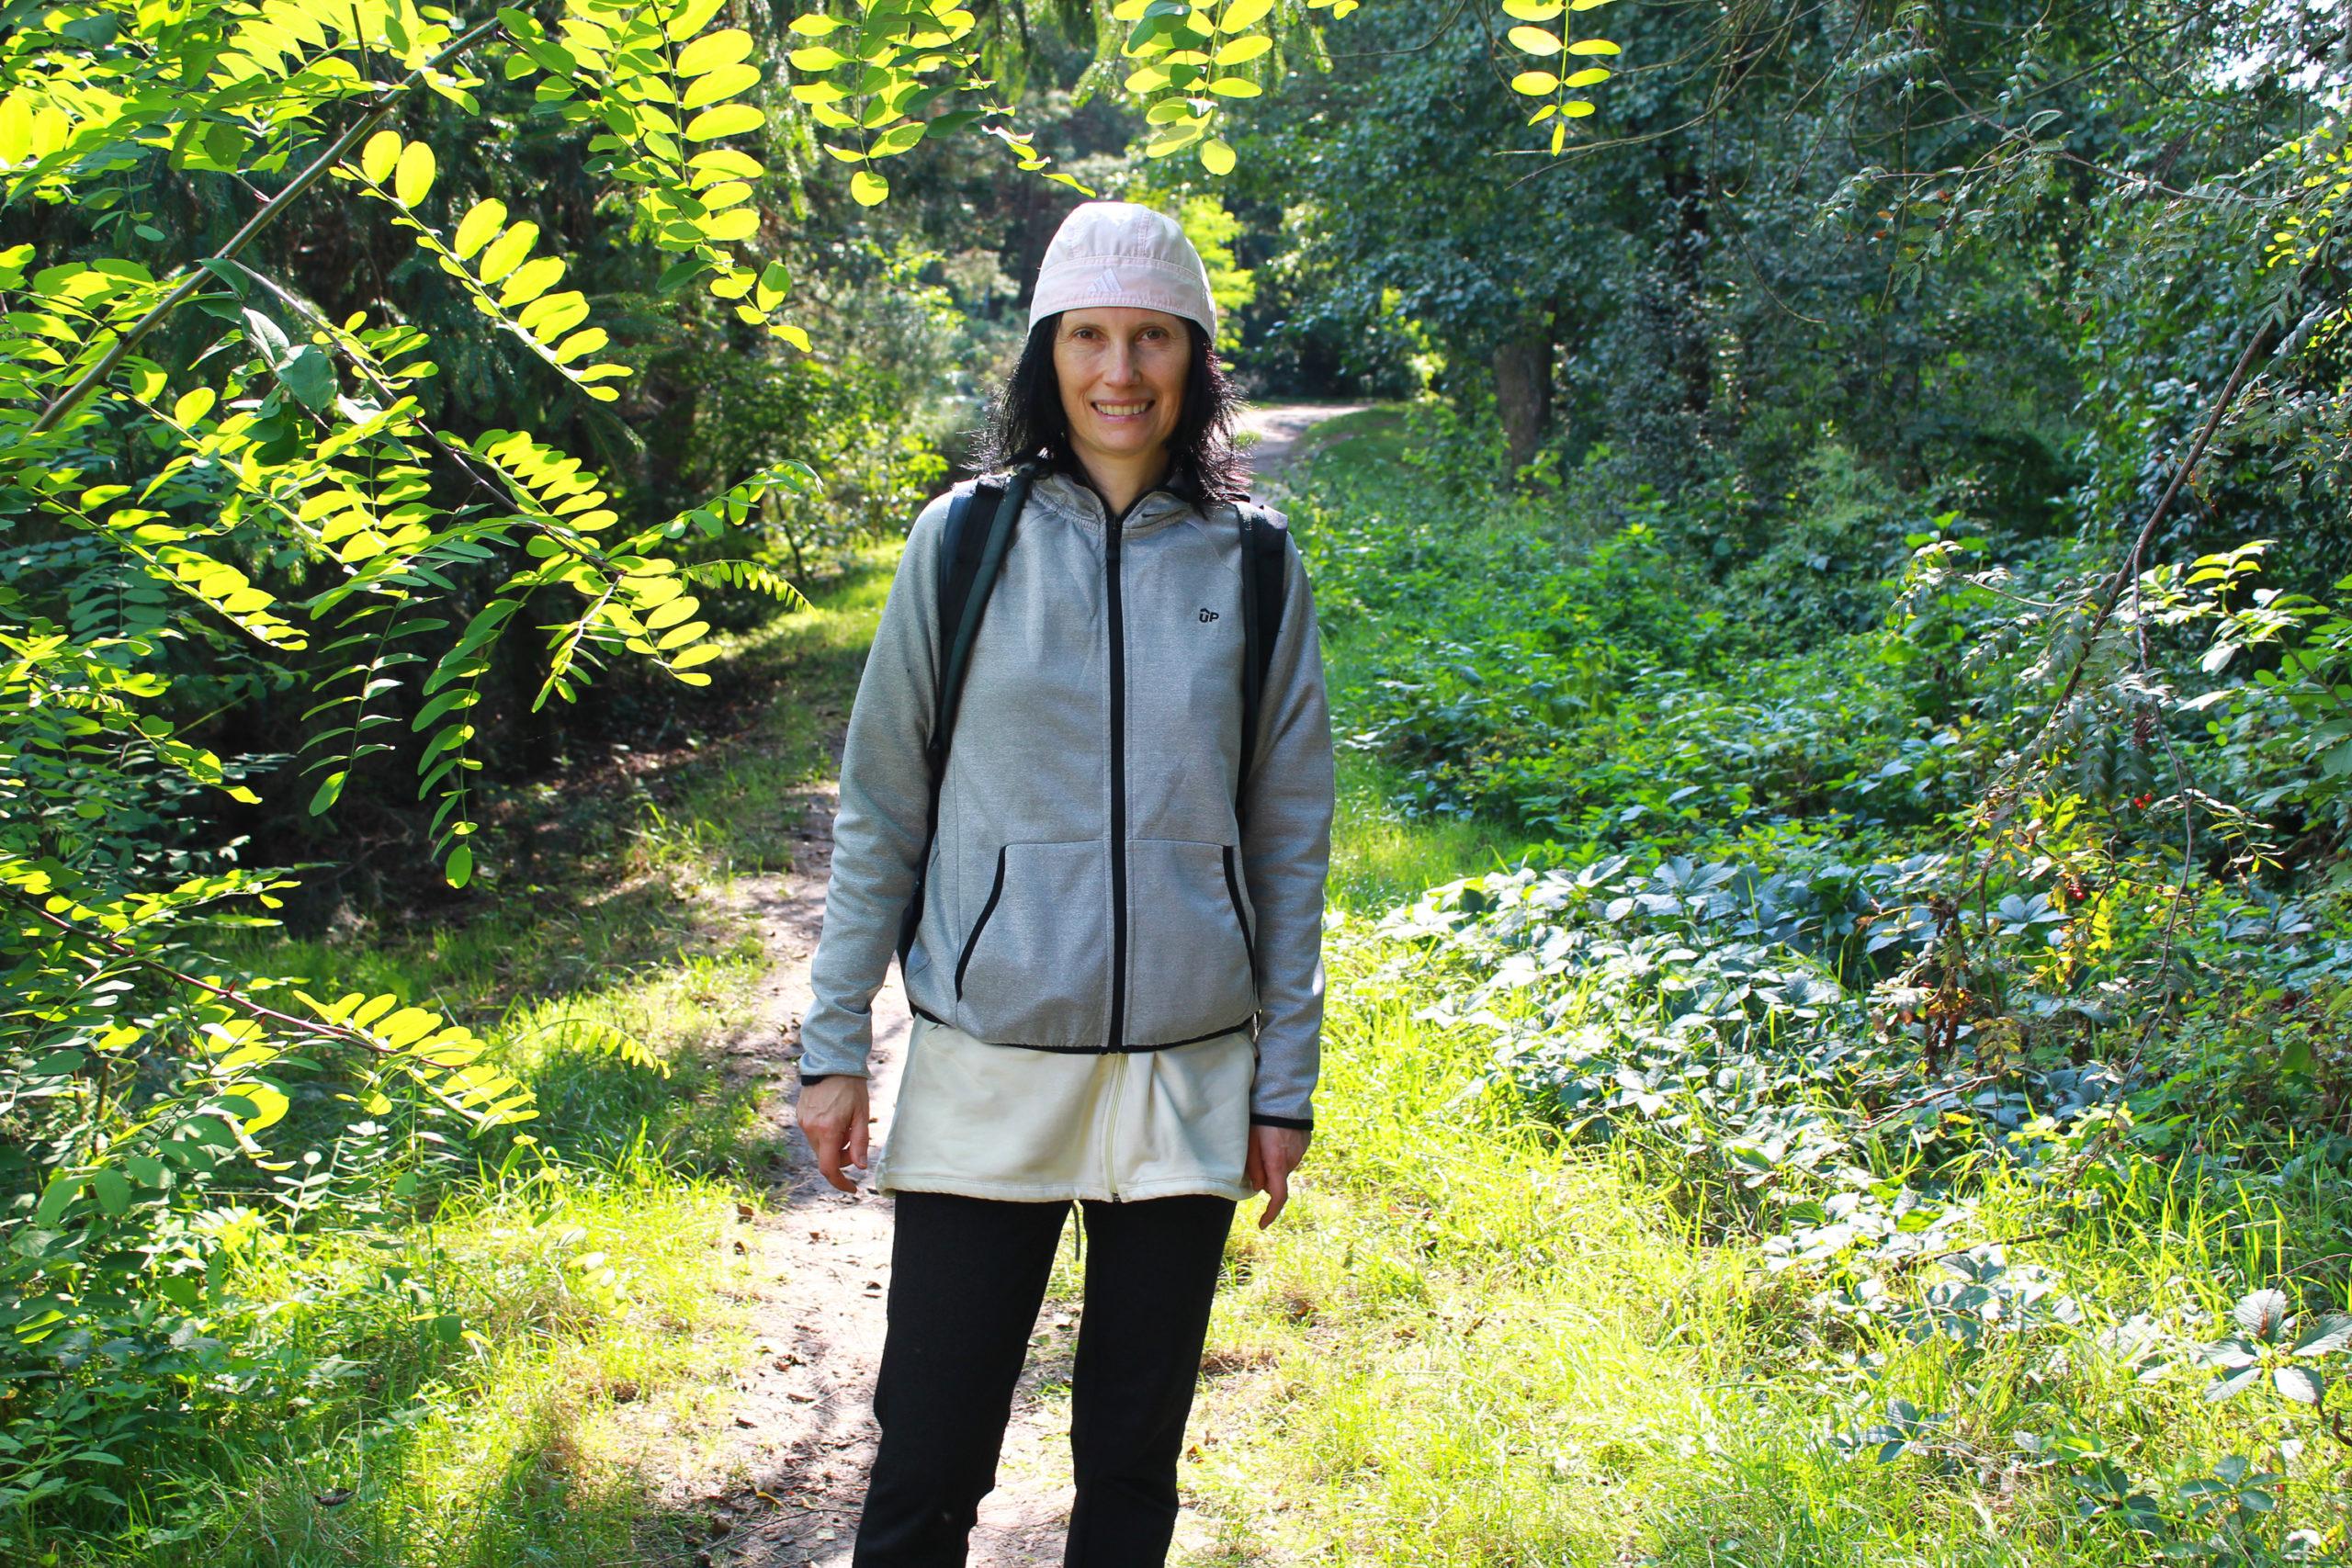 Violetta na spacerze w lesie